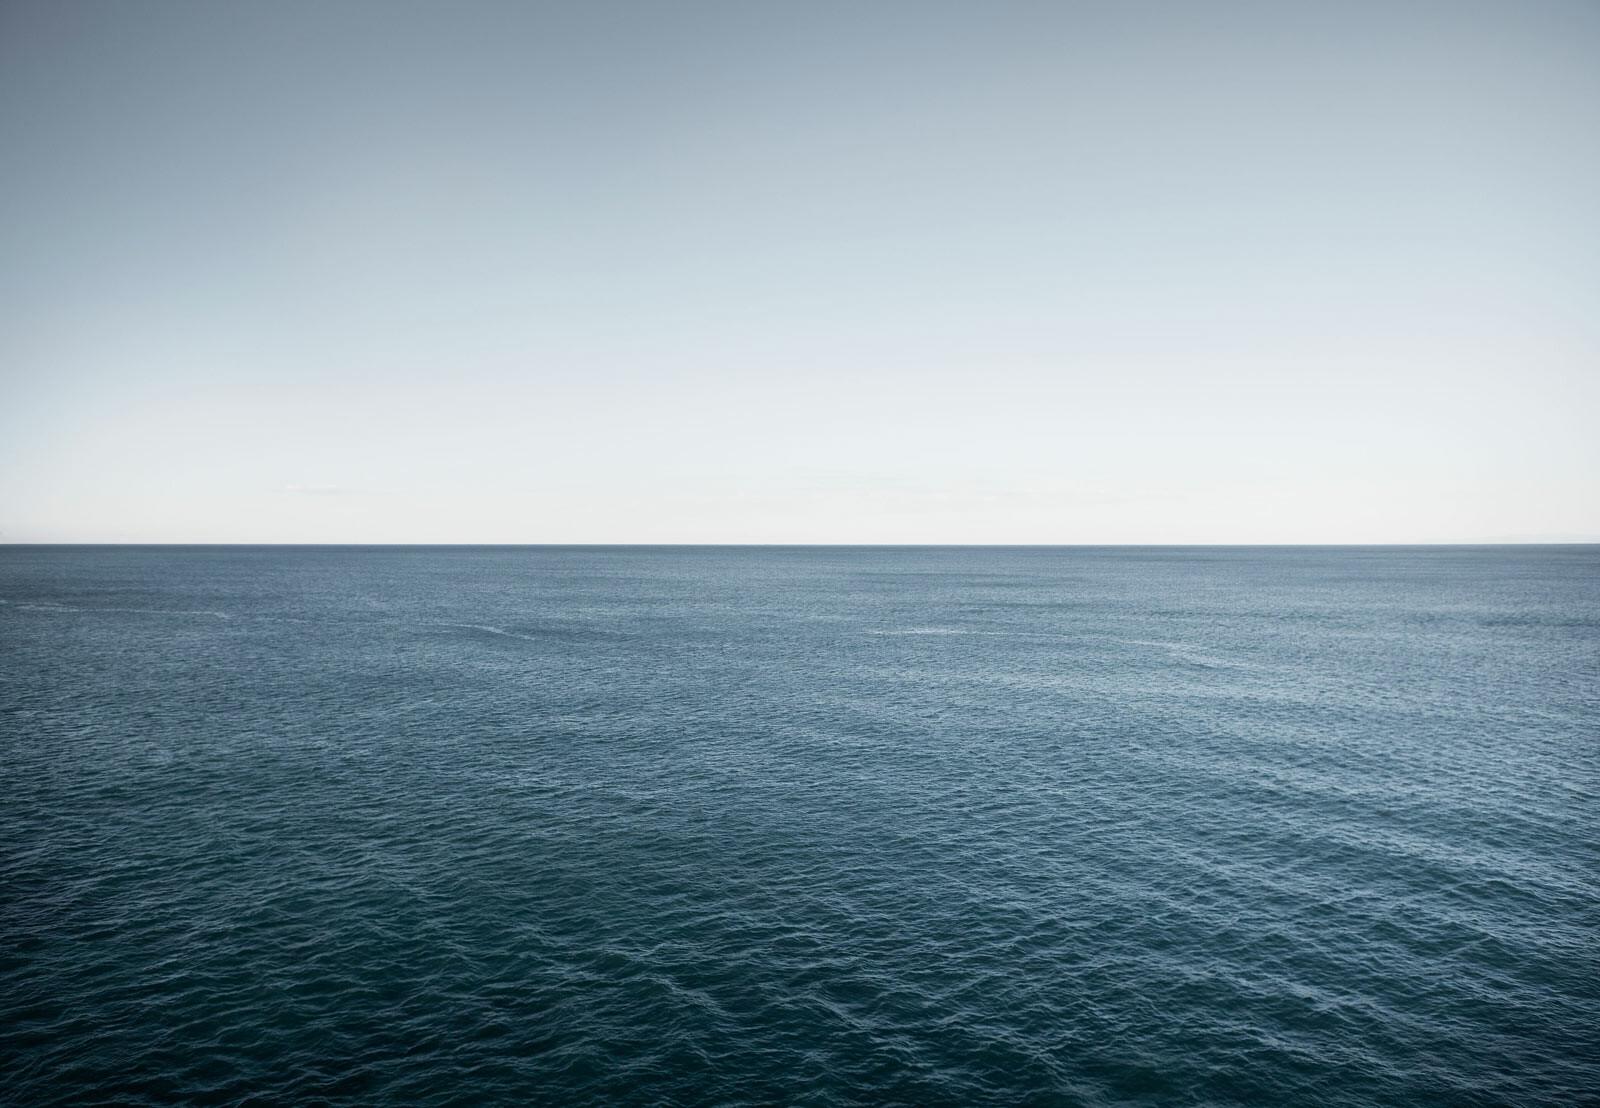 sea #8 - Wolfgang Uhlig